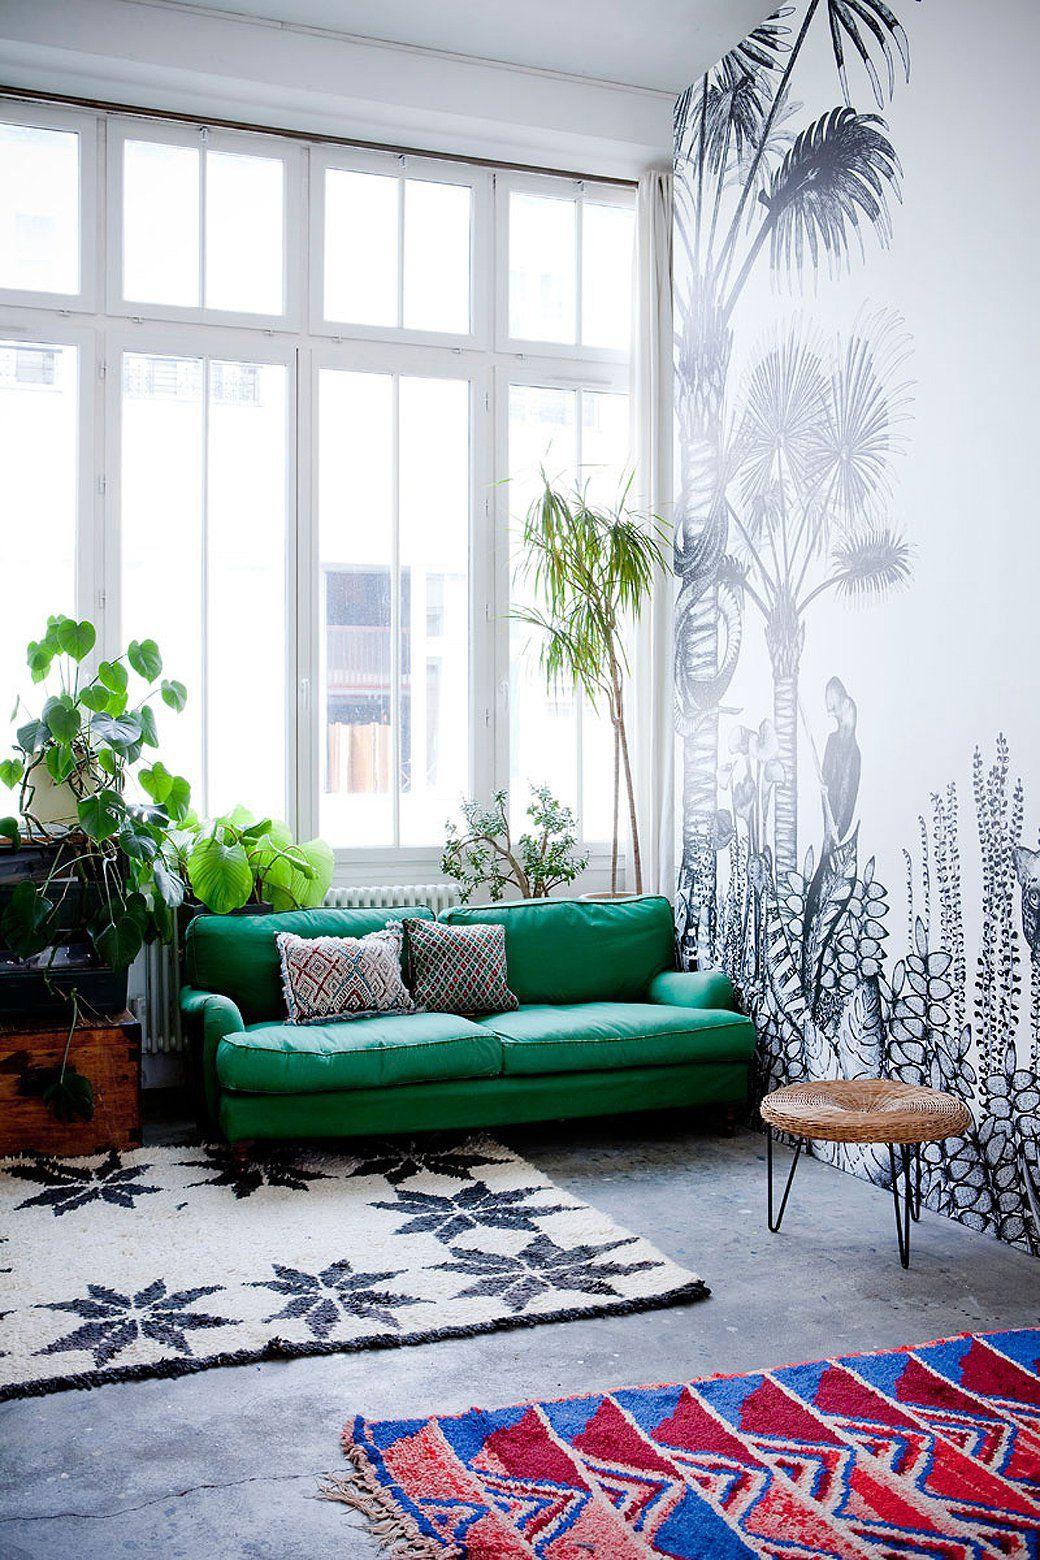 Wallpaper By Bien Fait + Parisian Home Of Cécile Figuette | Bohemian ...